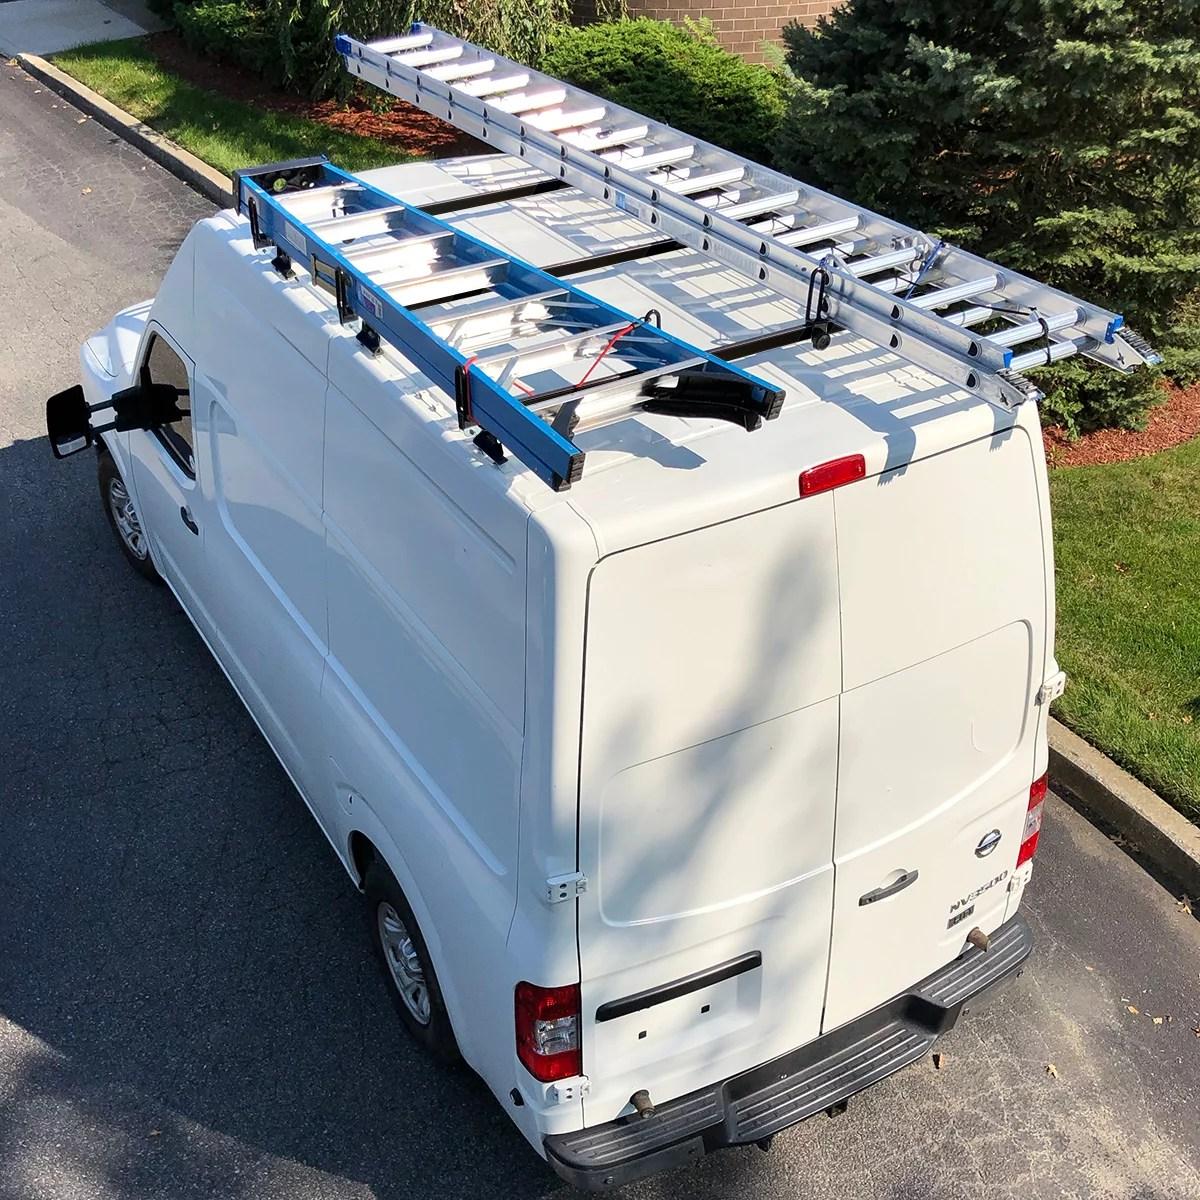 vantech heavy duty 3 bar ladder roof rack fits nissan nv cargo van high roof